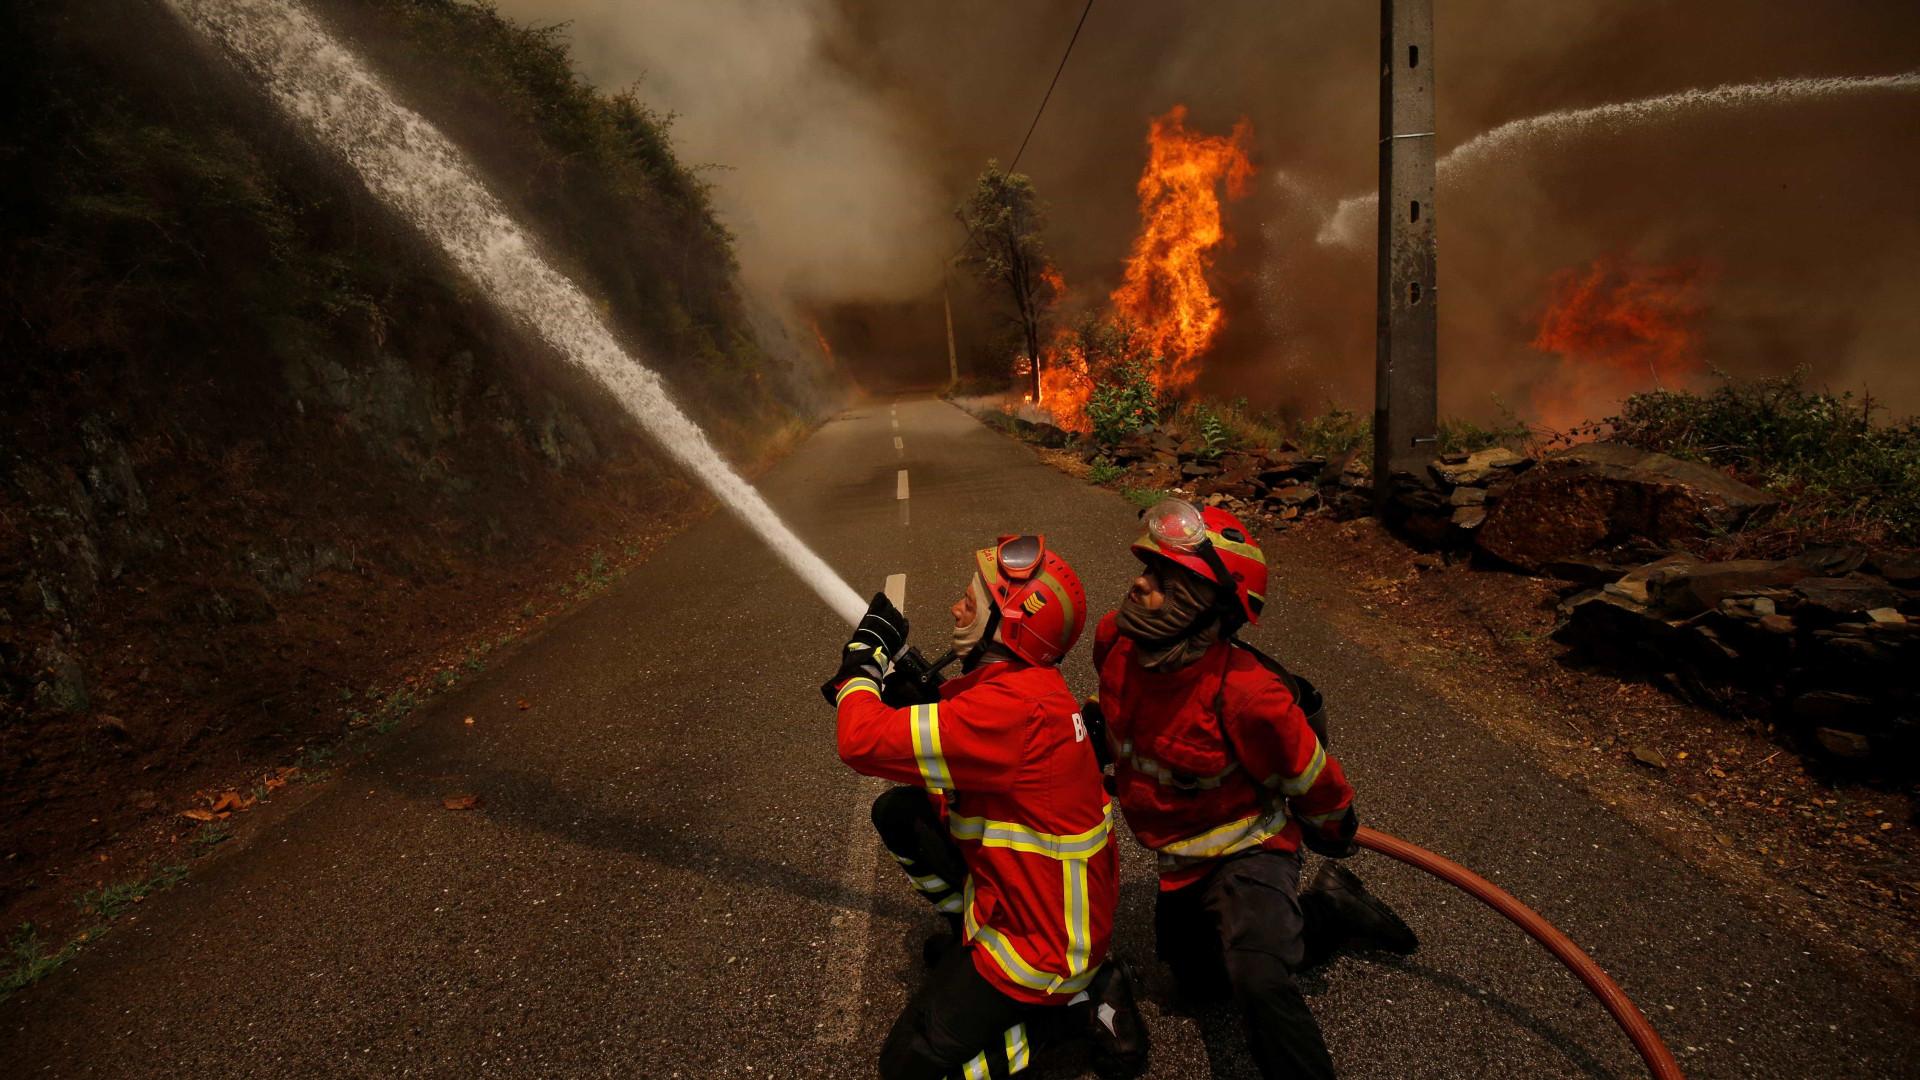 Marinha envia cerca de 100 militares para ajudar no combate aos fogos